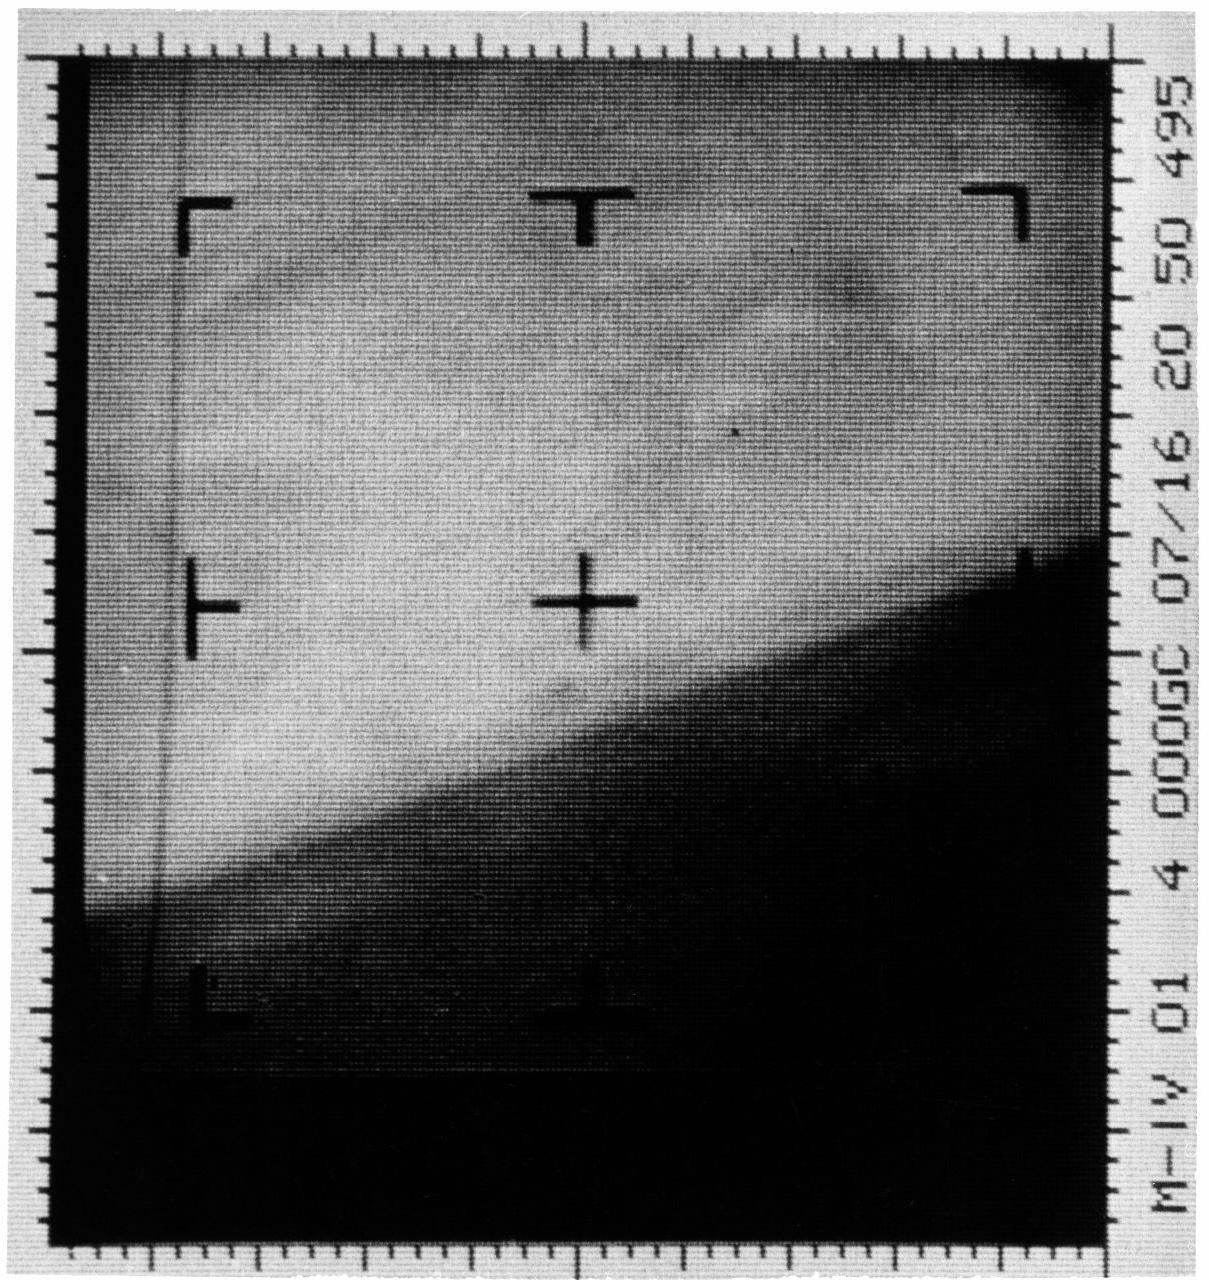 Первое в истории изображение Марса, сделанное космическим аппаратом, было раскрашено вручную. Почему? - 4